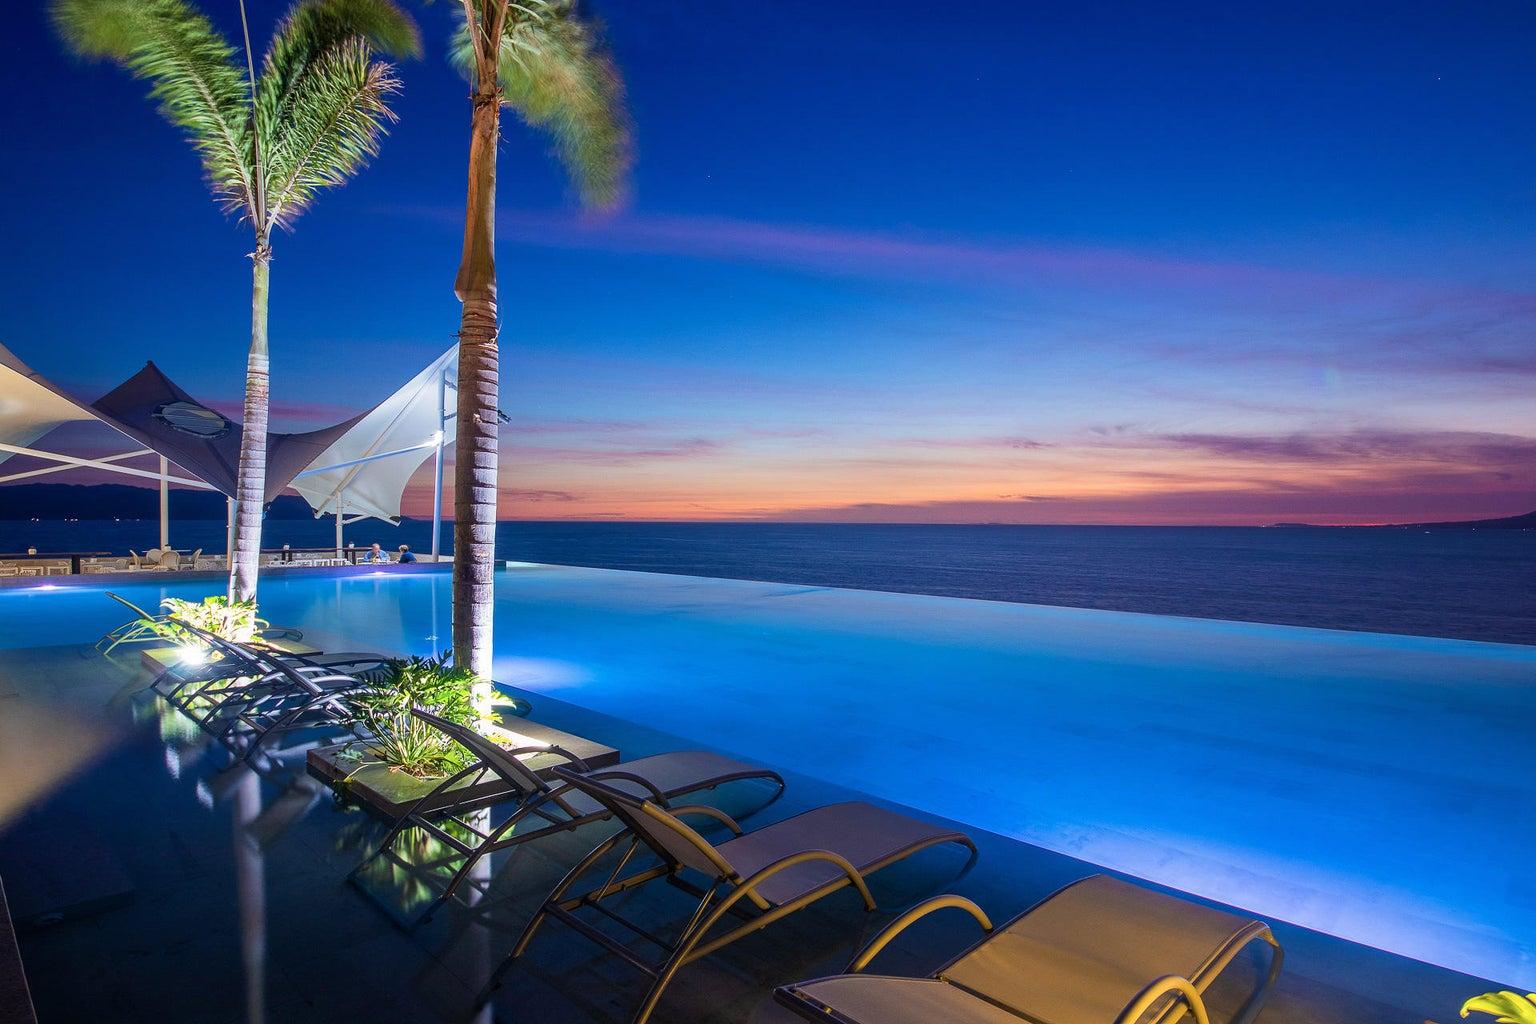 infinity pool on terrace